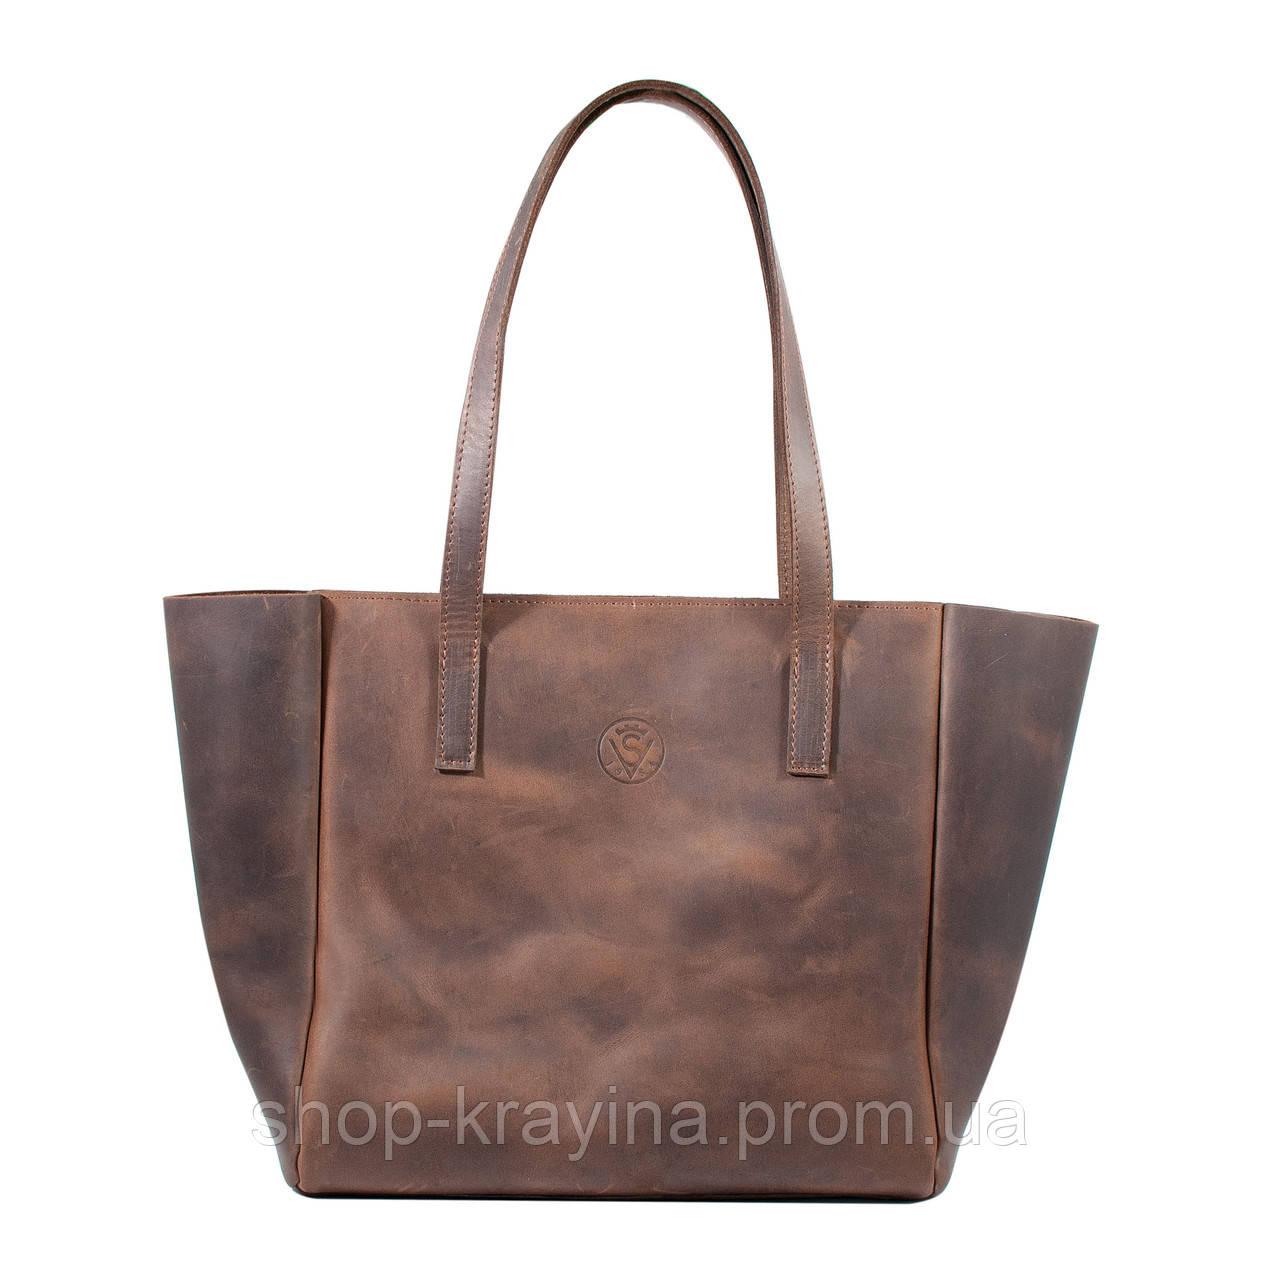 Кожаная сумка VS224 brown 36х18,5х16 см